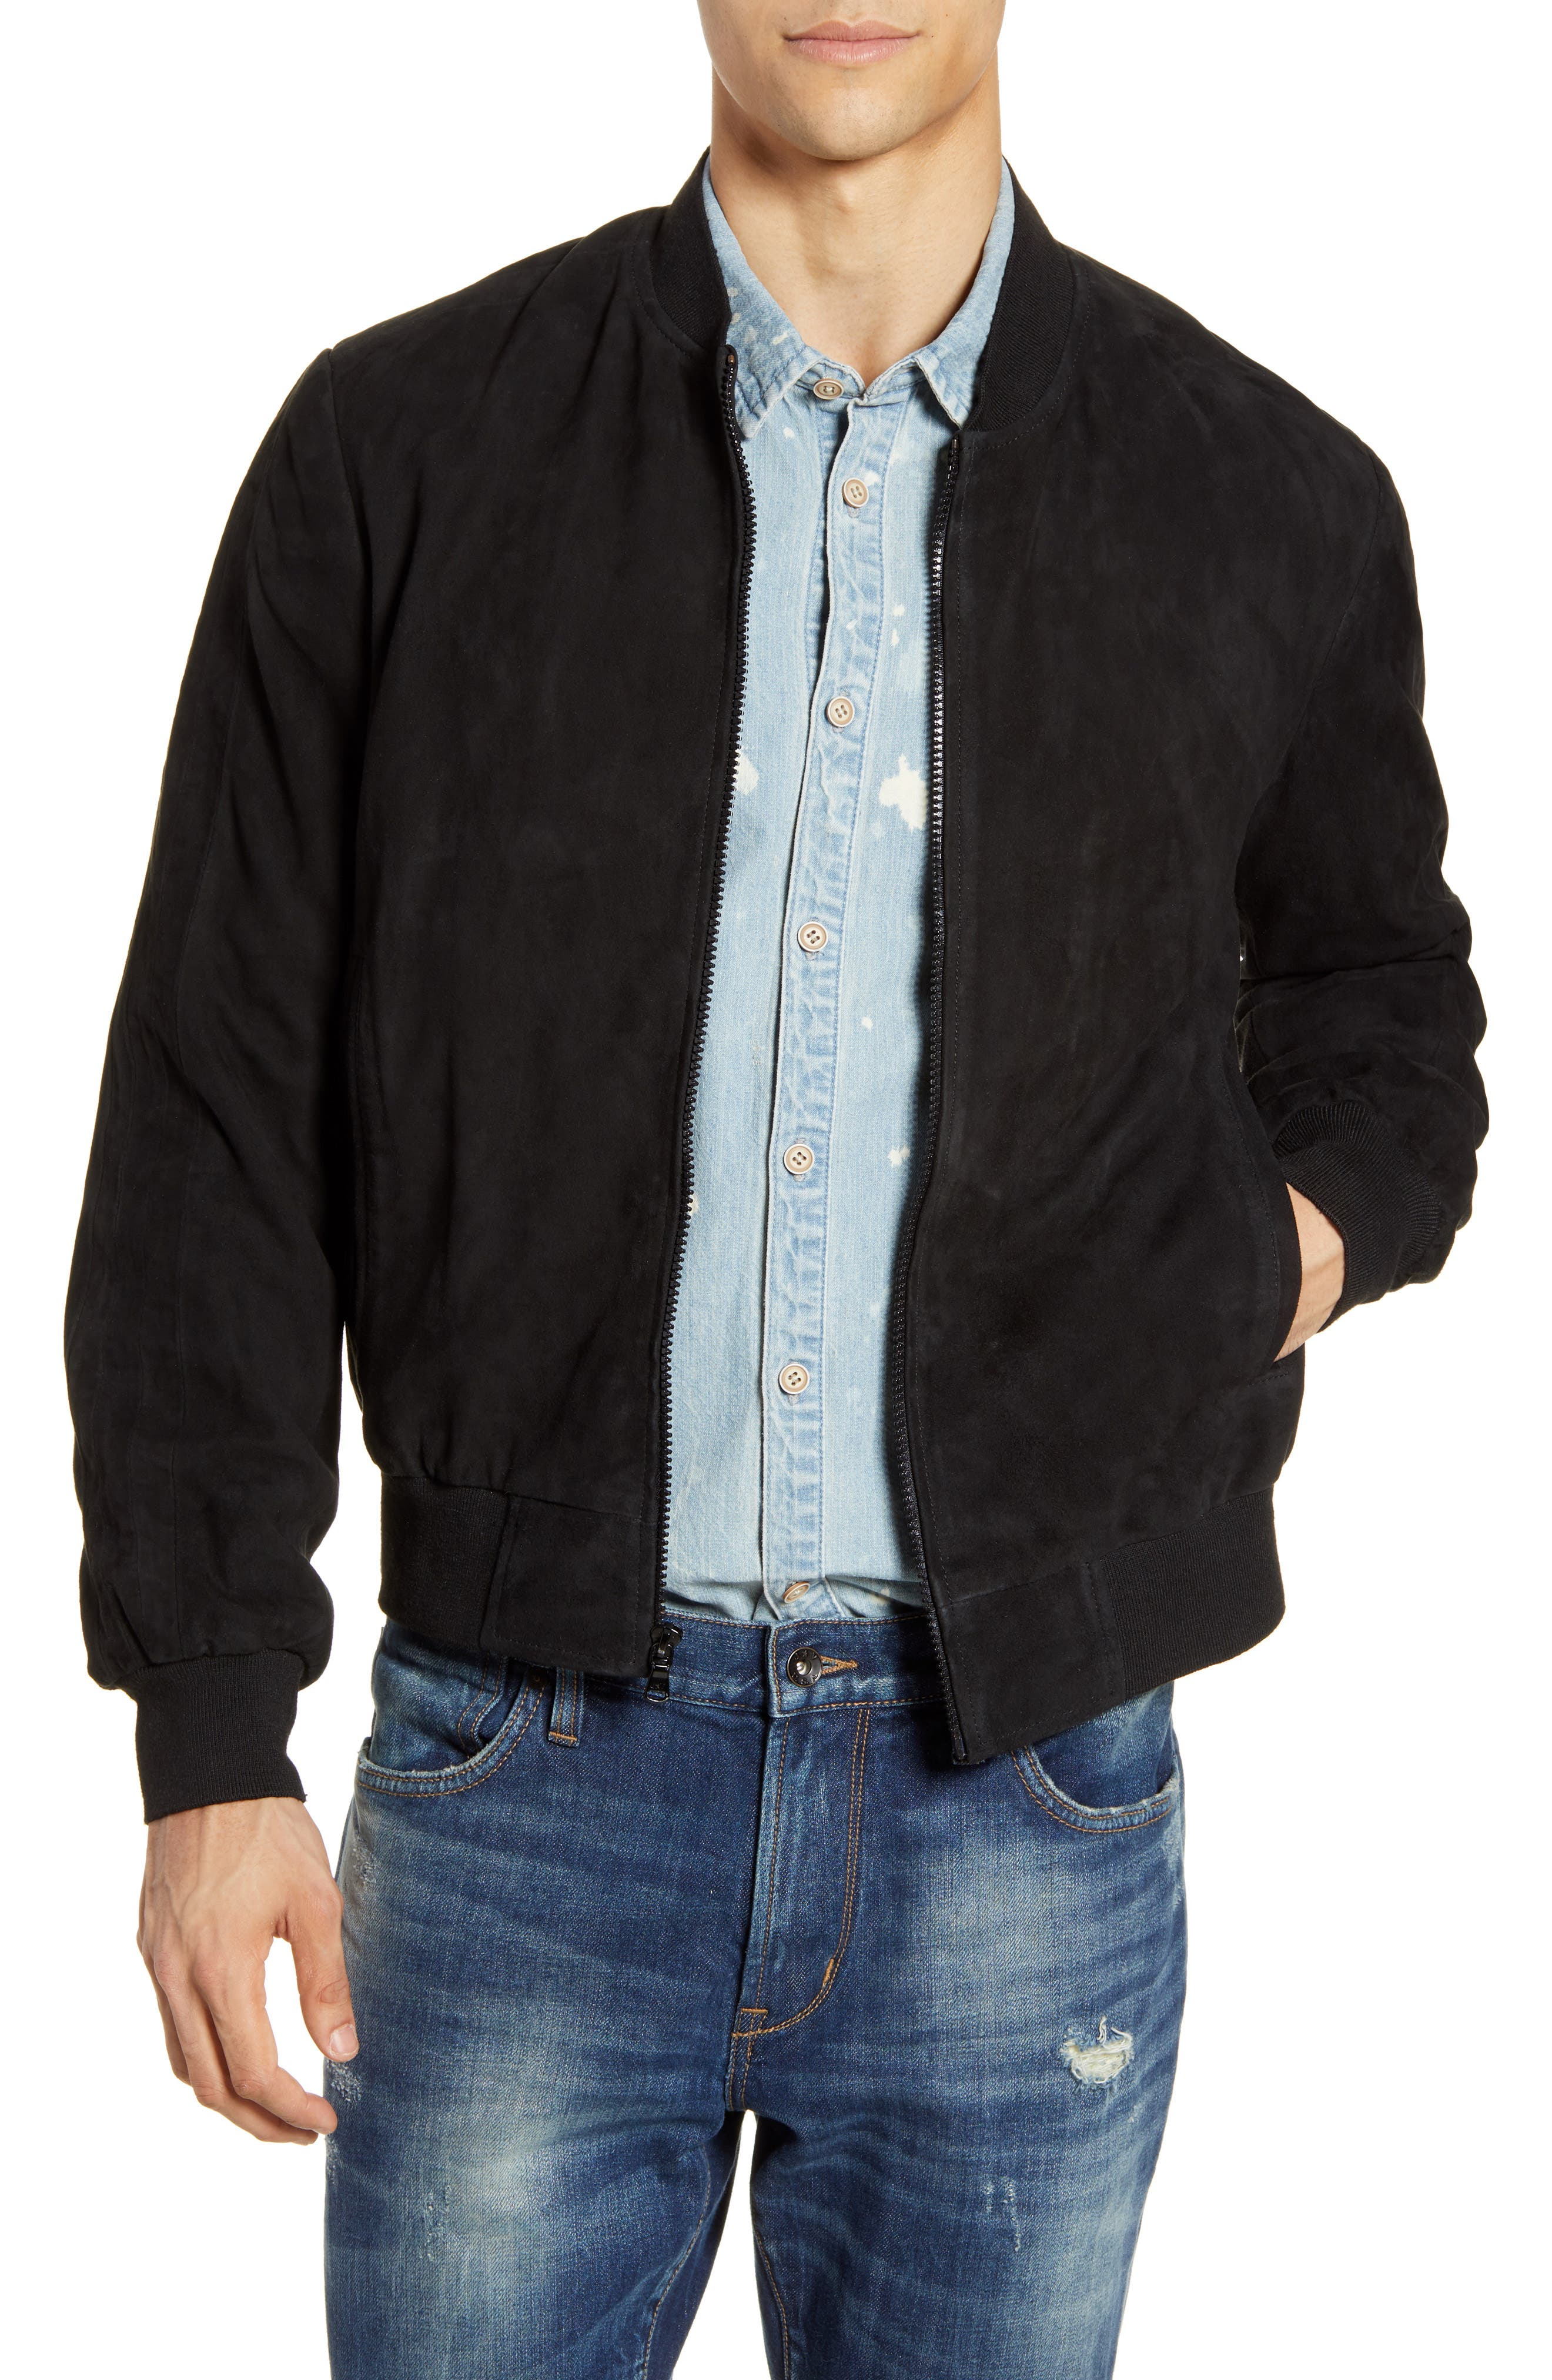 John Varvatos Star Usa Noel Regular Fit Suede Bomber Jacket, Black